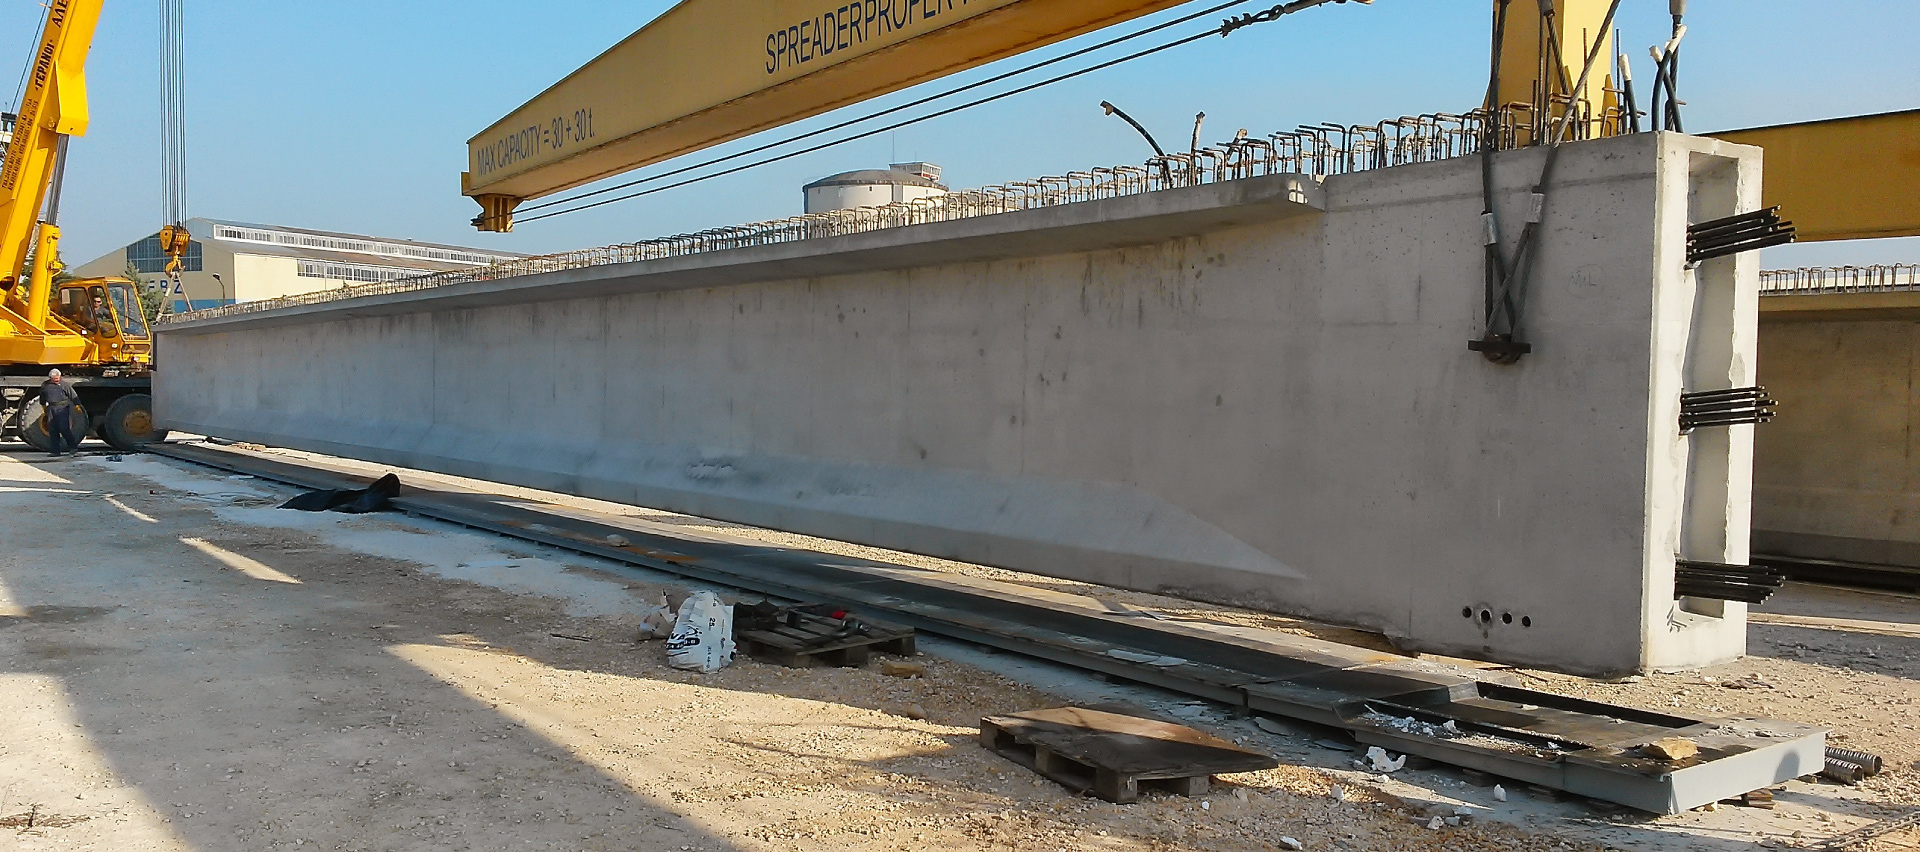 Γέφυρα Β560 – Παντελεήμονας cover image